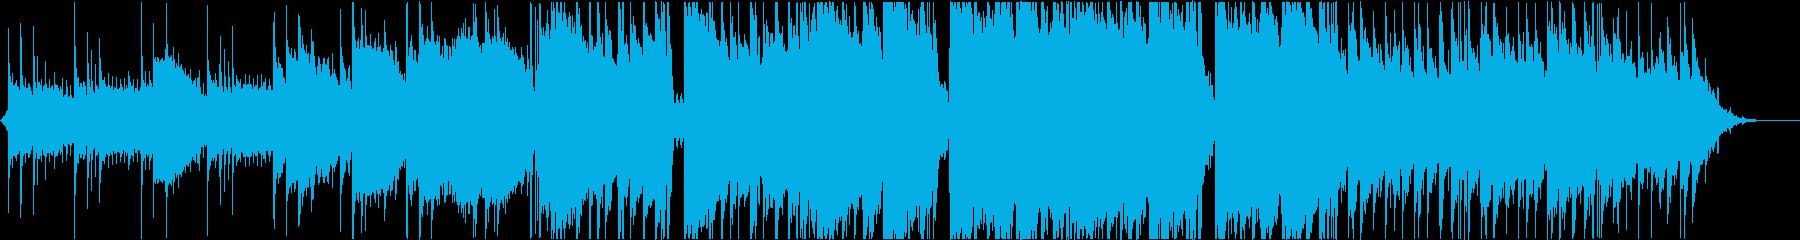 クールな映像音楽/トラベル/ドローンの再生済みの波形